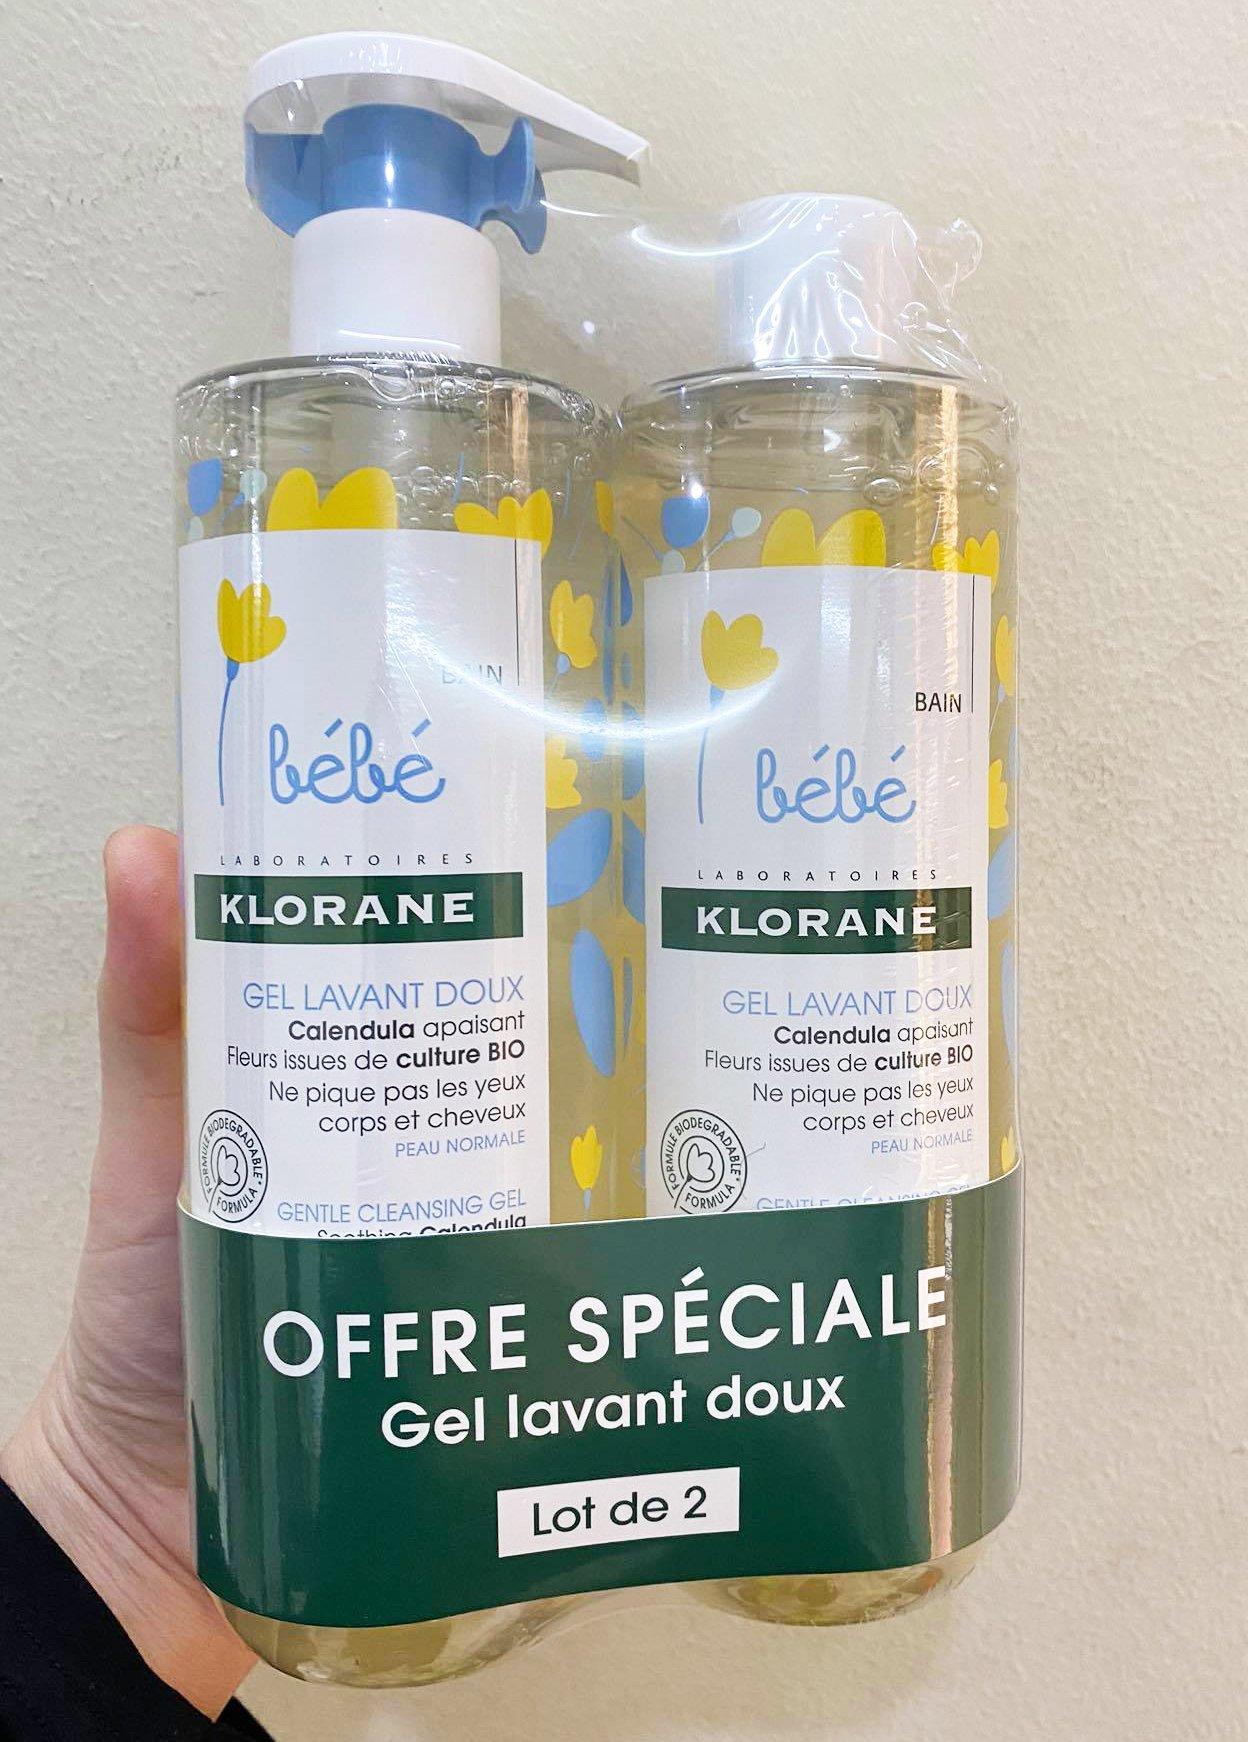 Sữa tắm gội Klorane Bebe hương thơm dễ chịu tạo cảm giác thoải mái cho bé